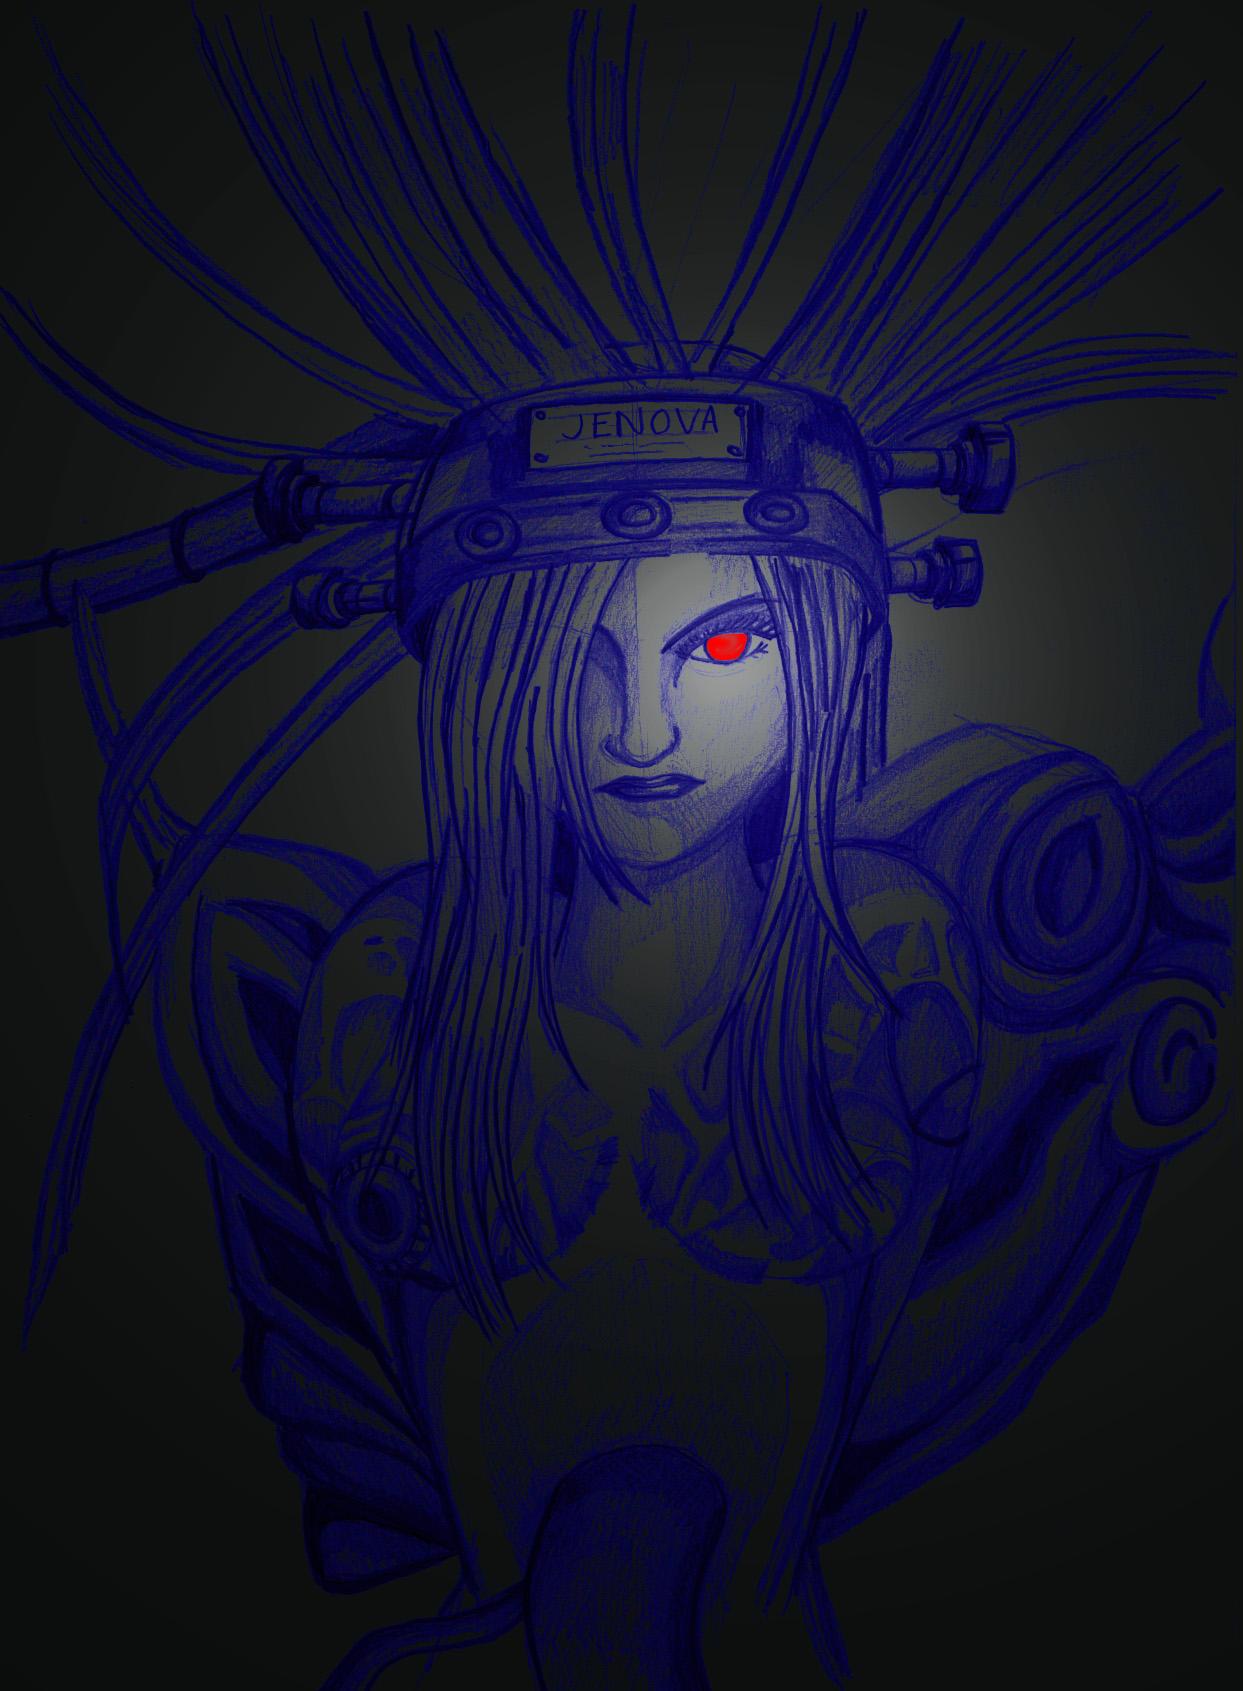 Jenova by windflame